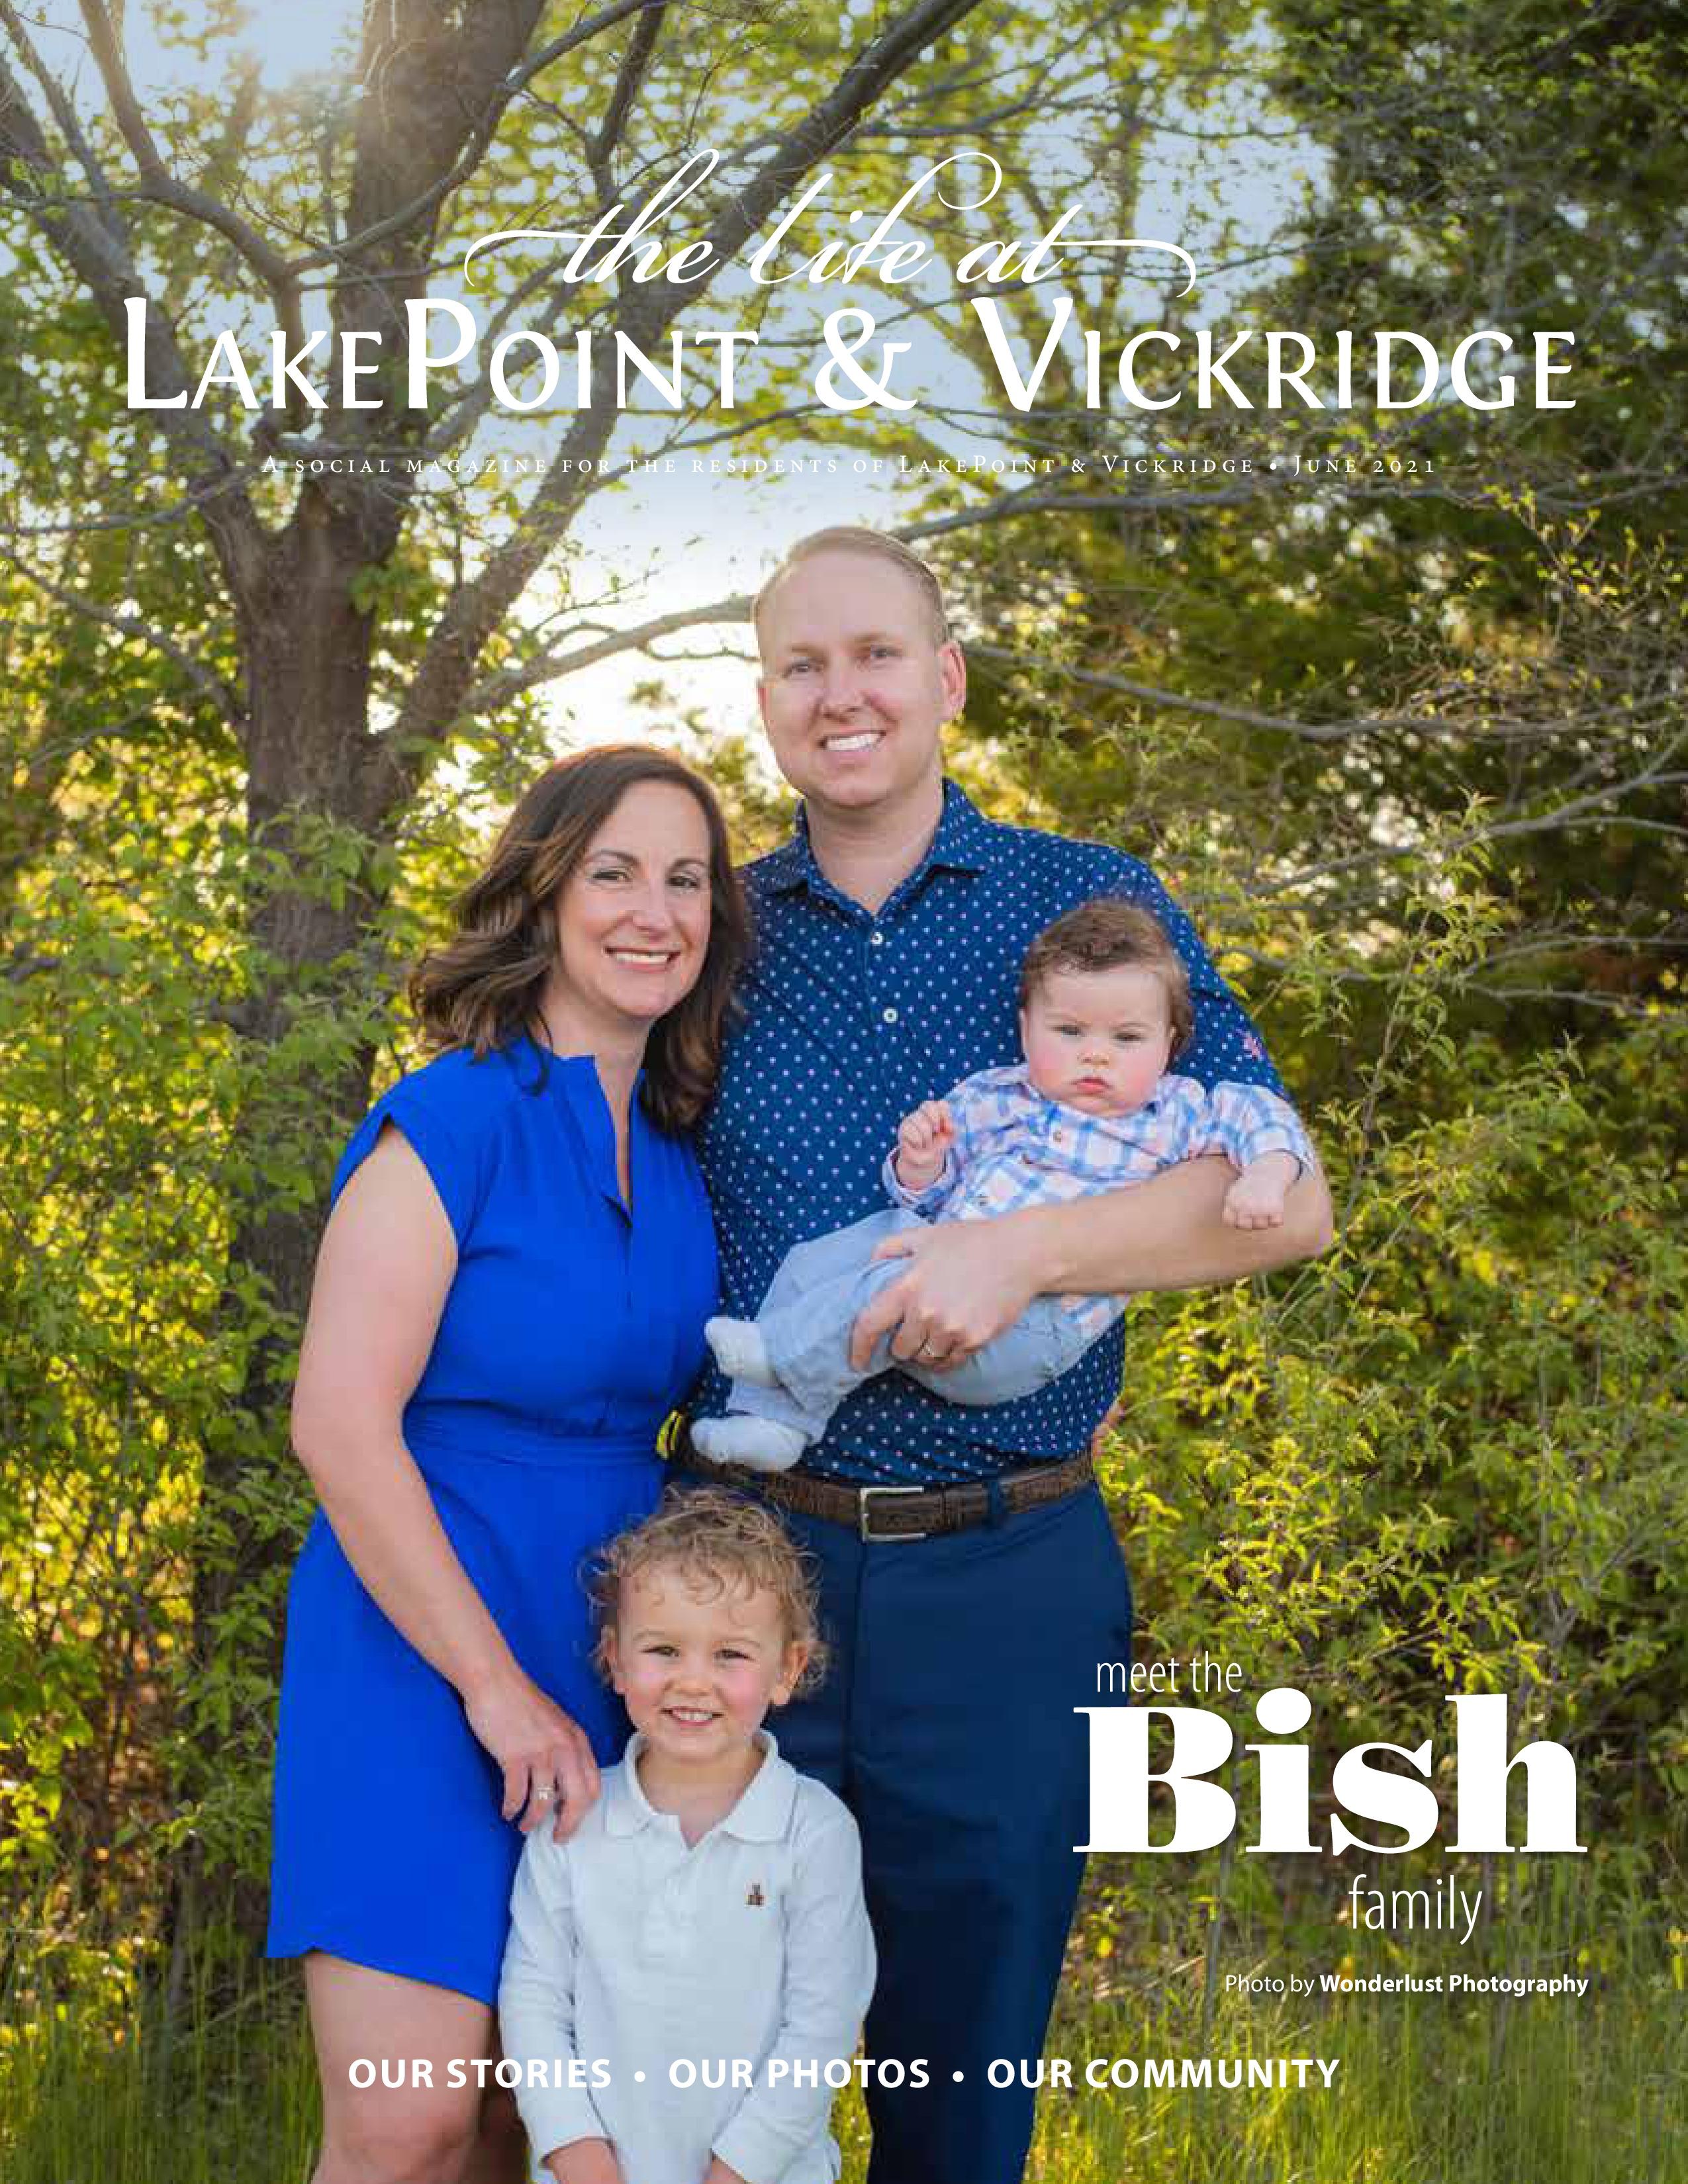 The Life at LakePoint & Vickridge 2021-06-01